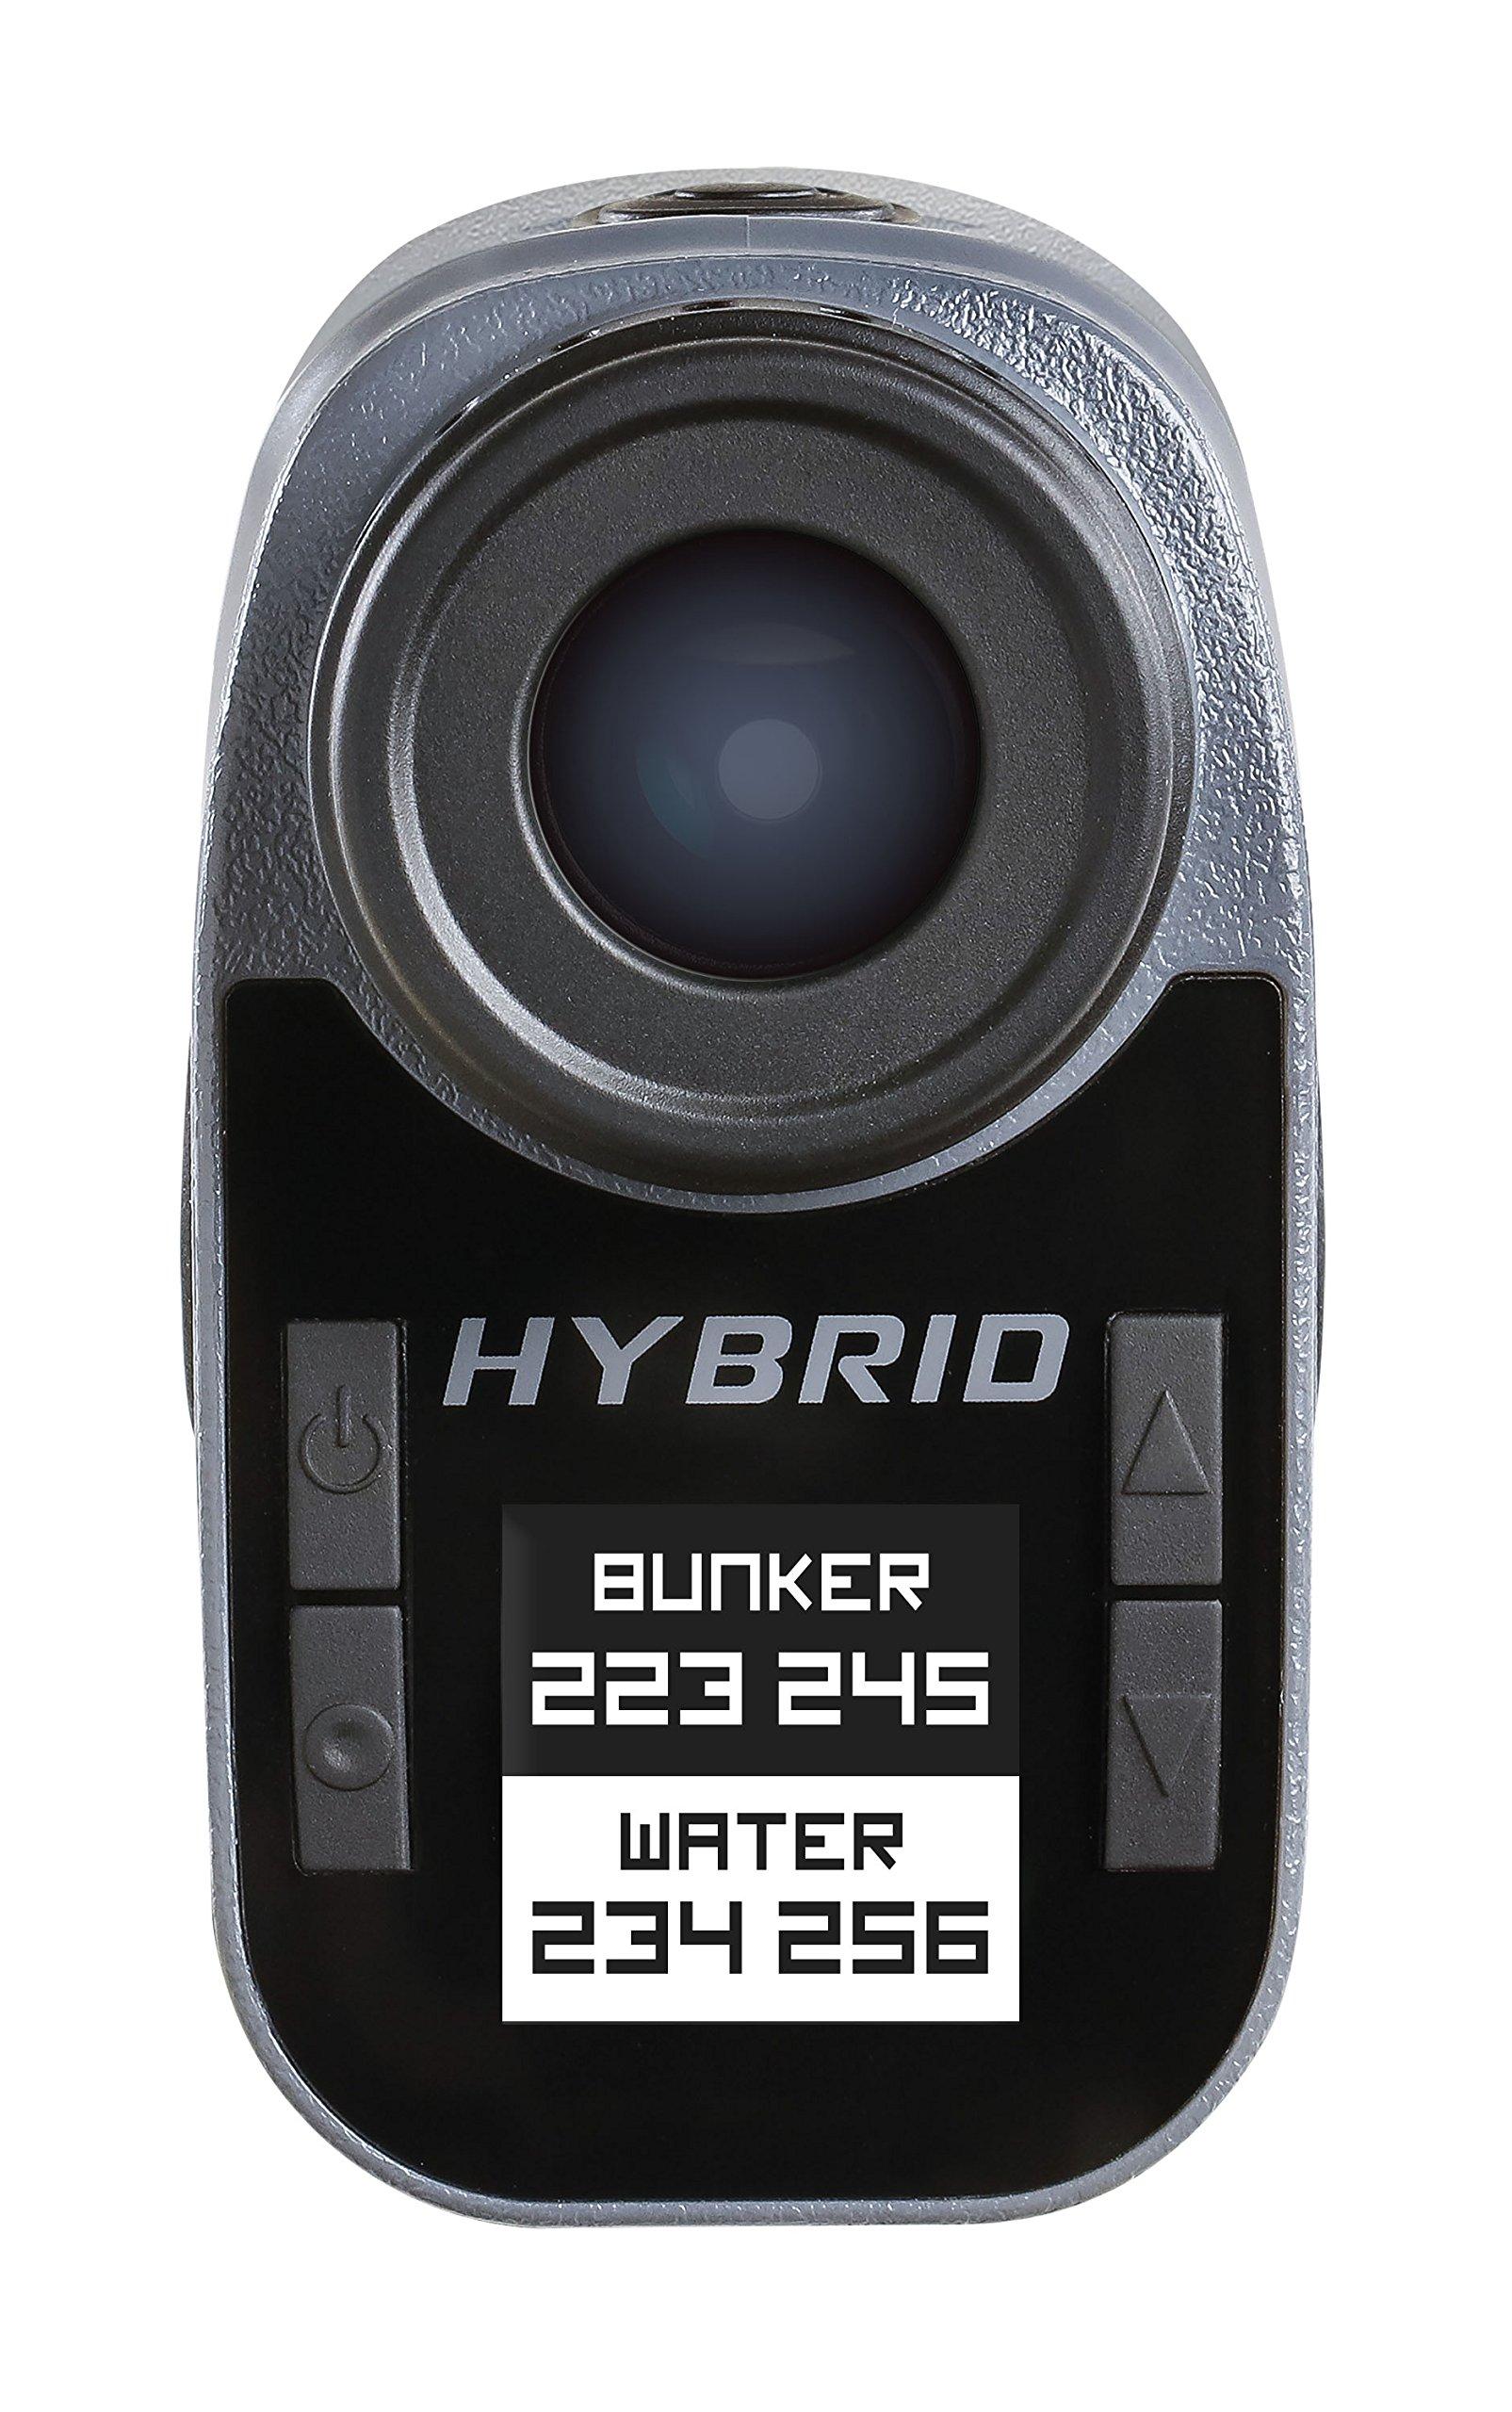 Callaway Hybrid Laser-GPS Rangefinder by Callaway (Image #3)